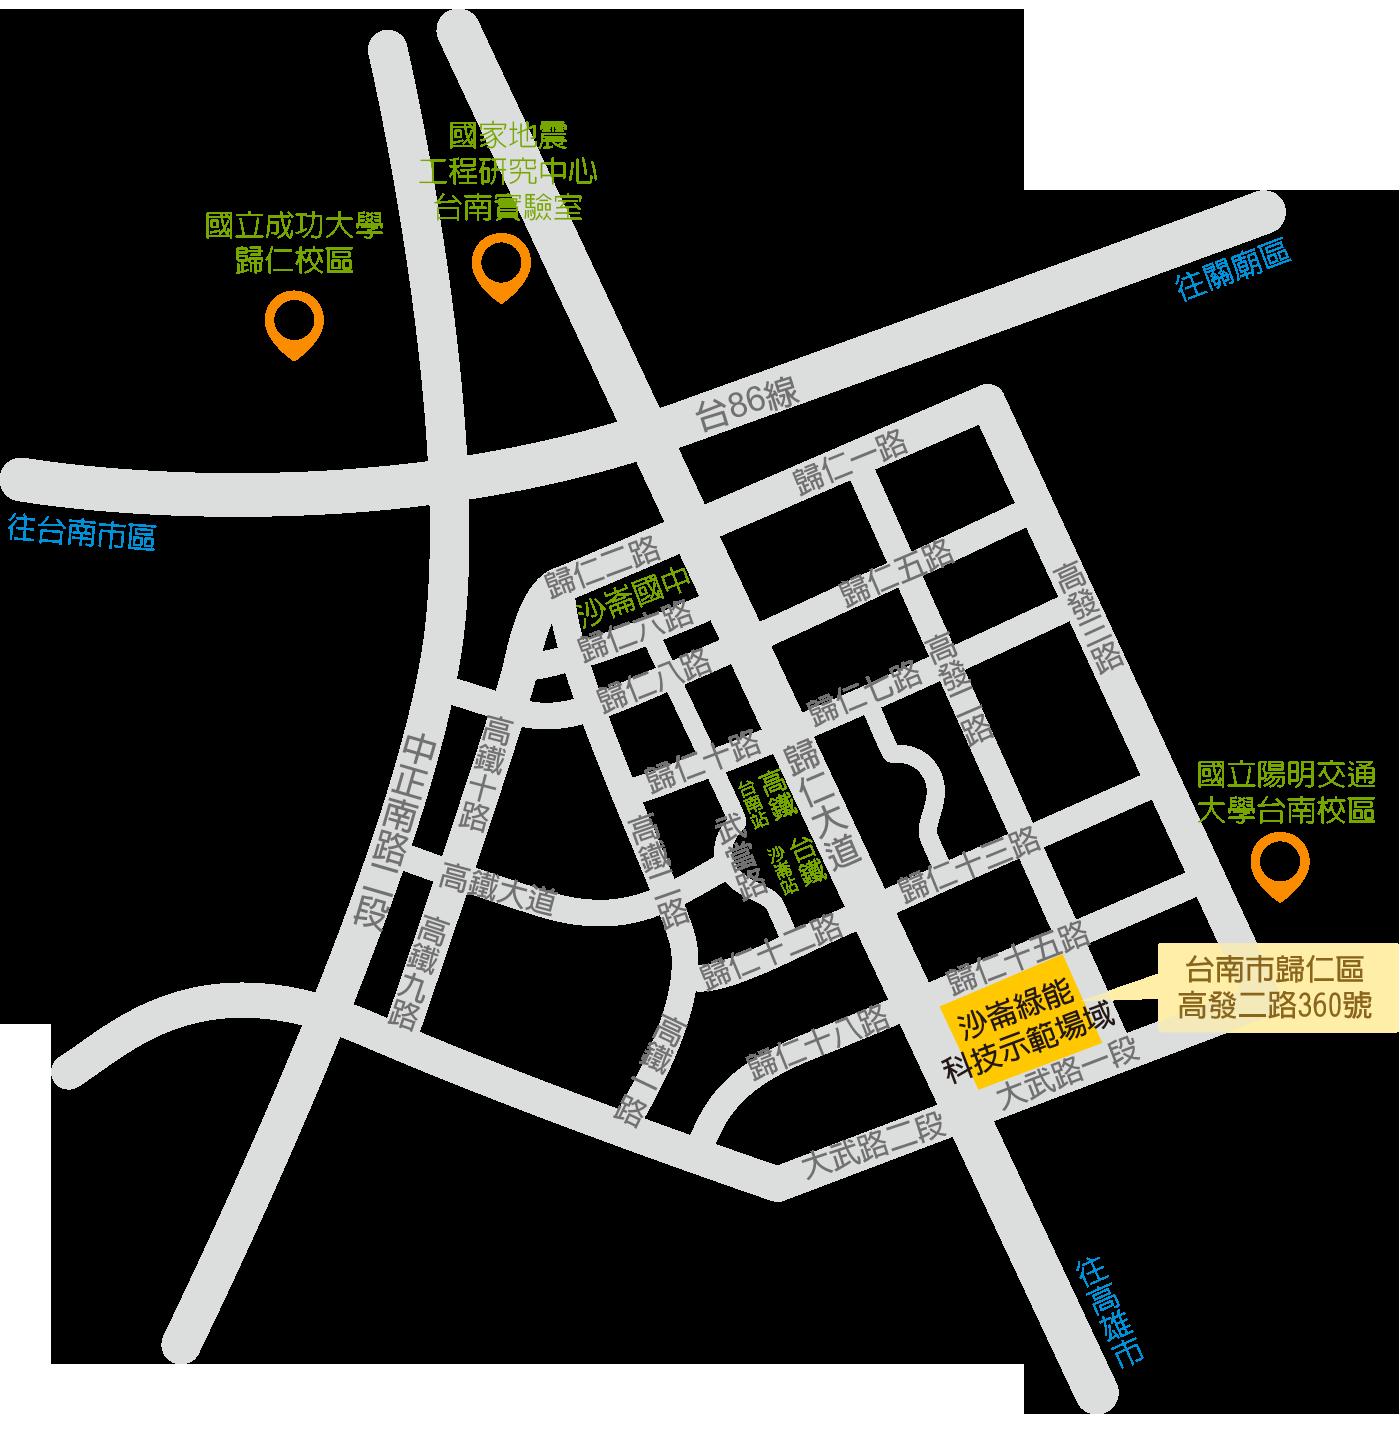 交通圖:台南市歸仁區高發二路360號